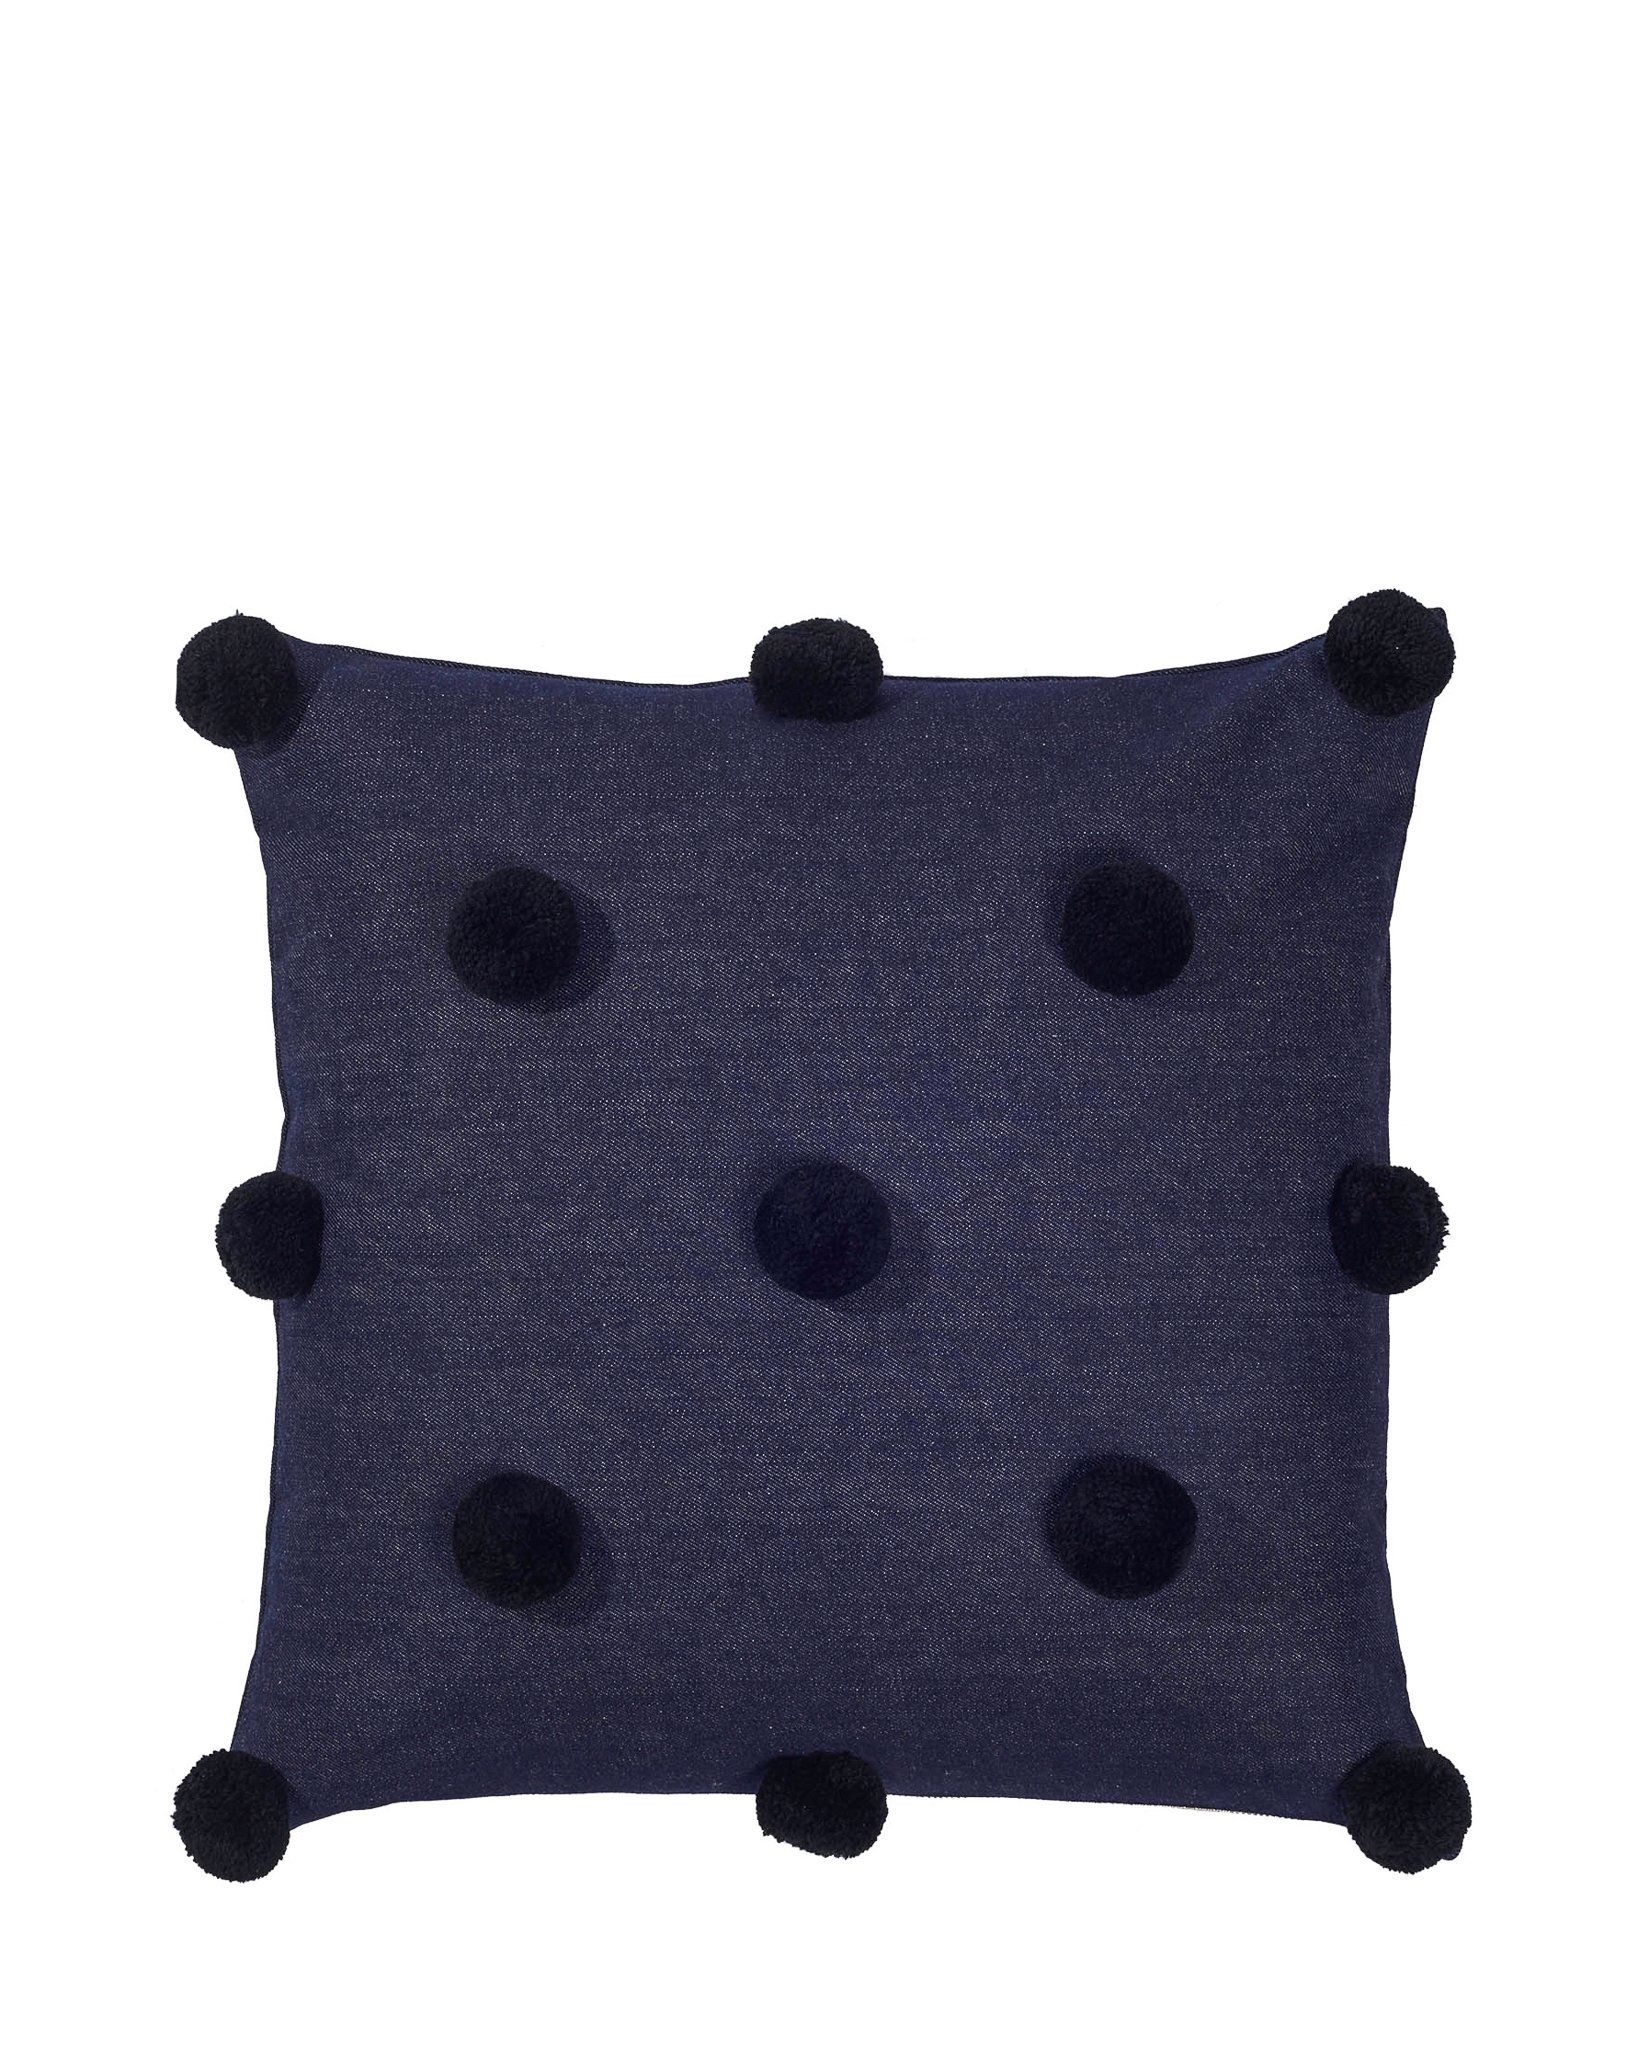 Black Pom Pom Pillow